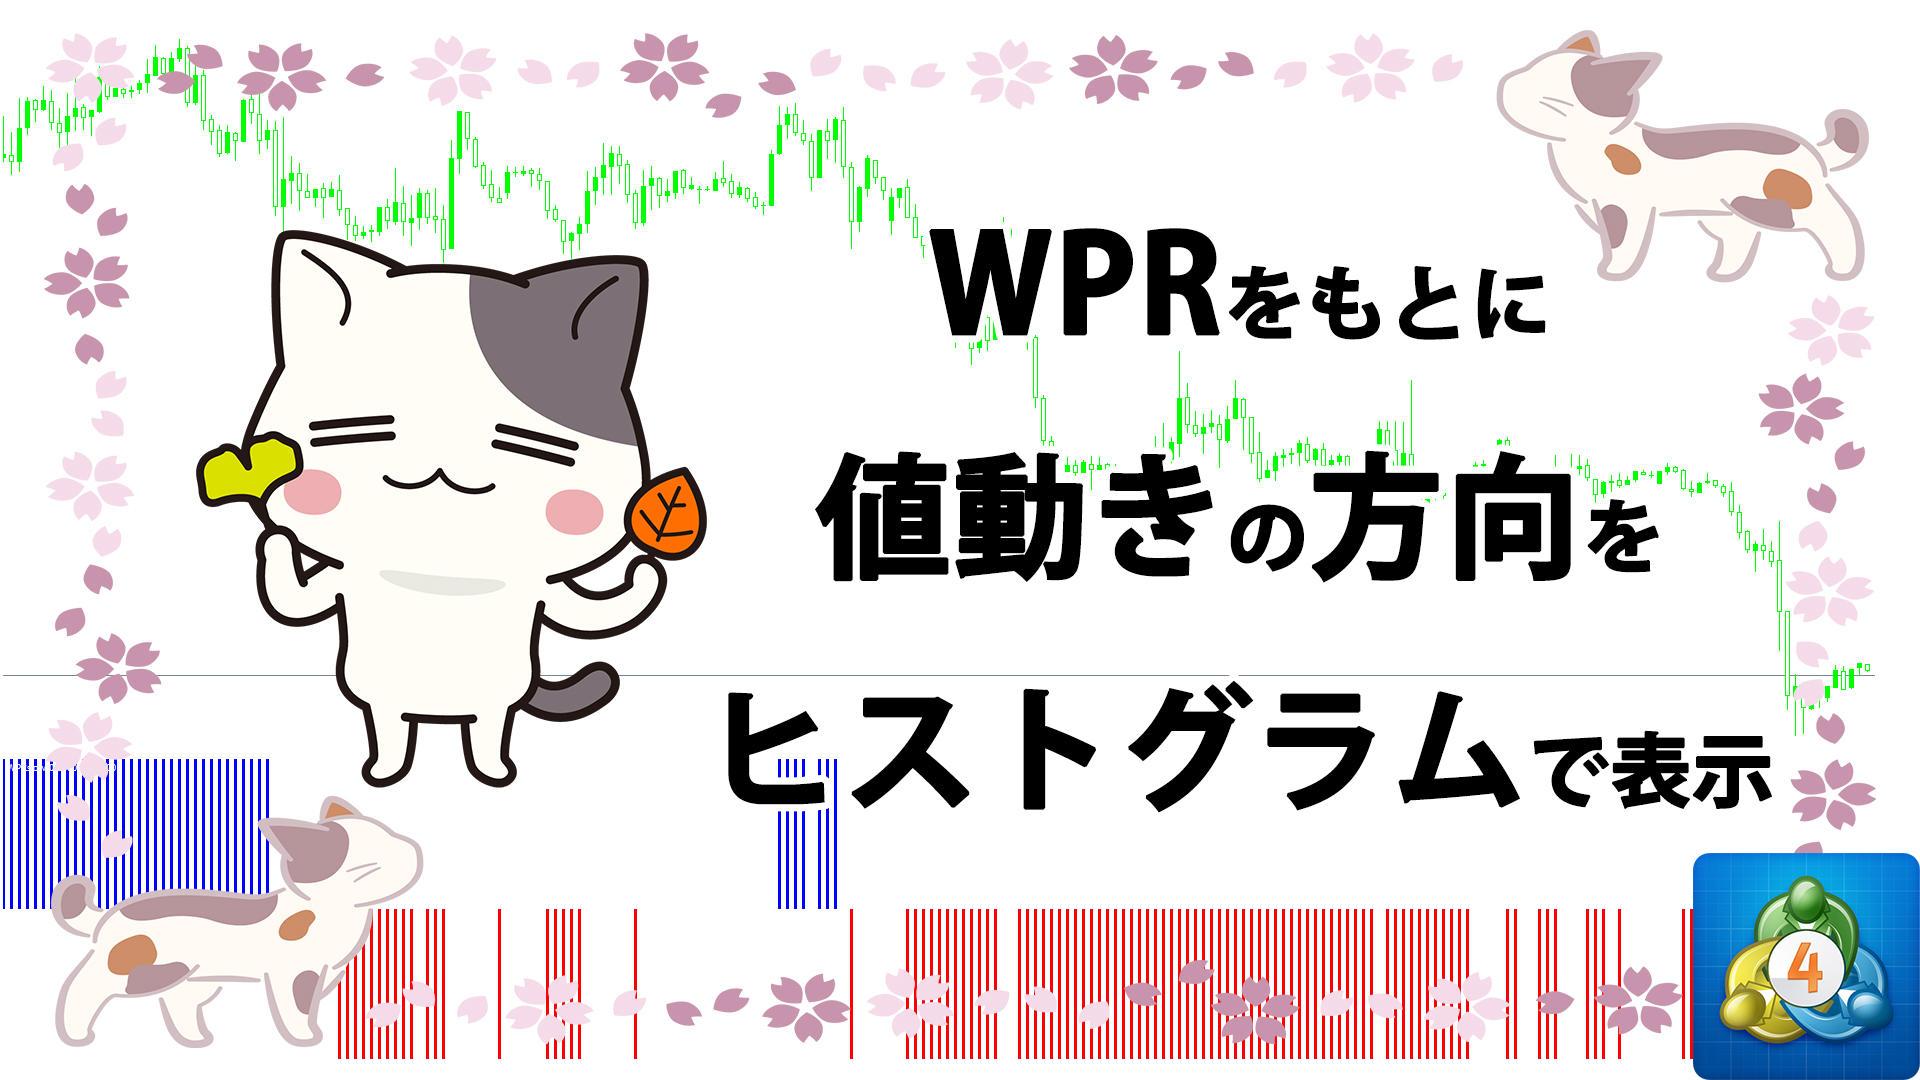 WPRをもとに値動きの方向をヒストグラムで表示するMT4インジケーター「WPRslow」